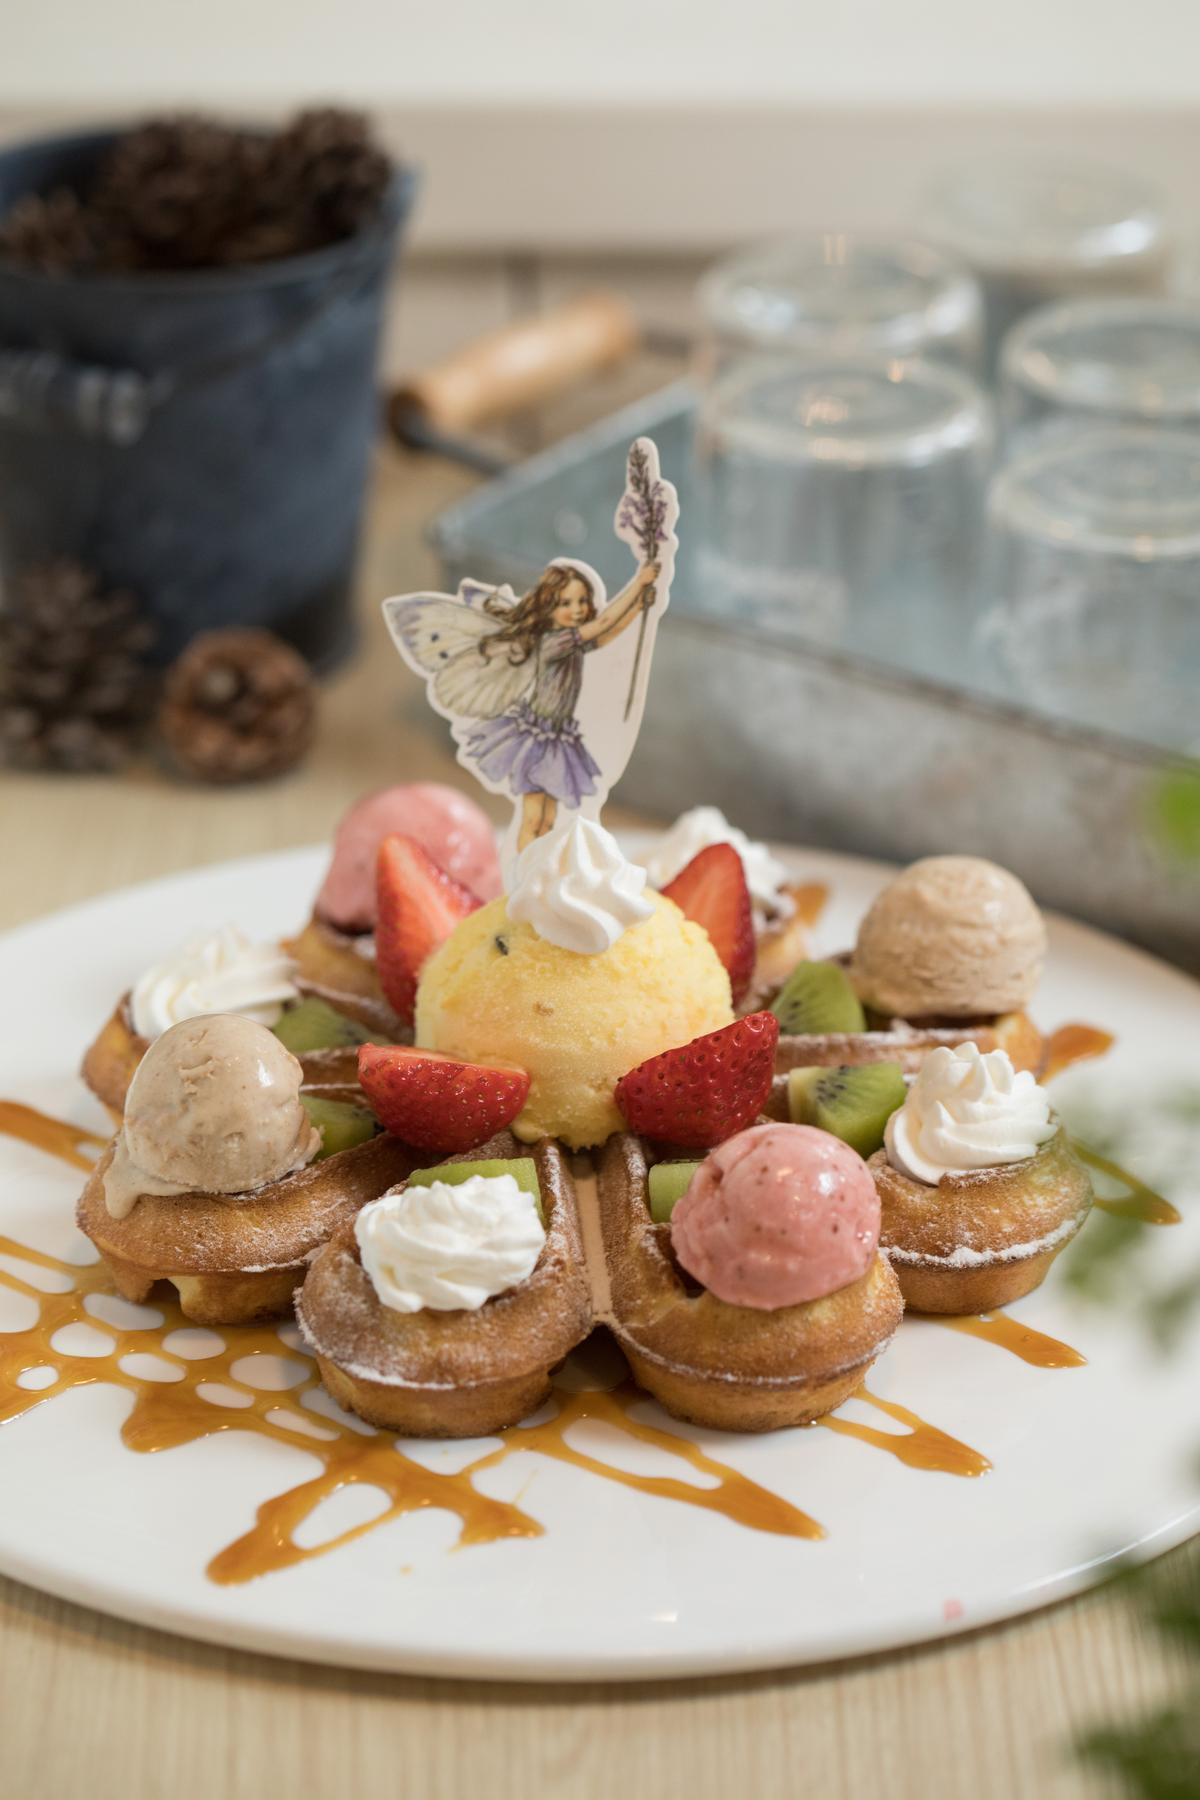 搭配麵茶、莓果及百香果等冰淇淋的「小花摩天輪鬆餅餐」,配色好繽紛。(399元/份,含1杯紅茶)